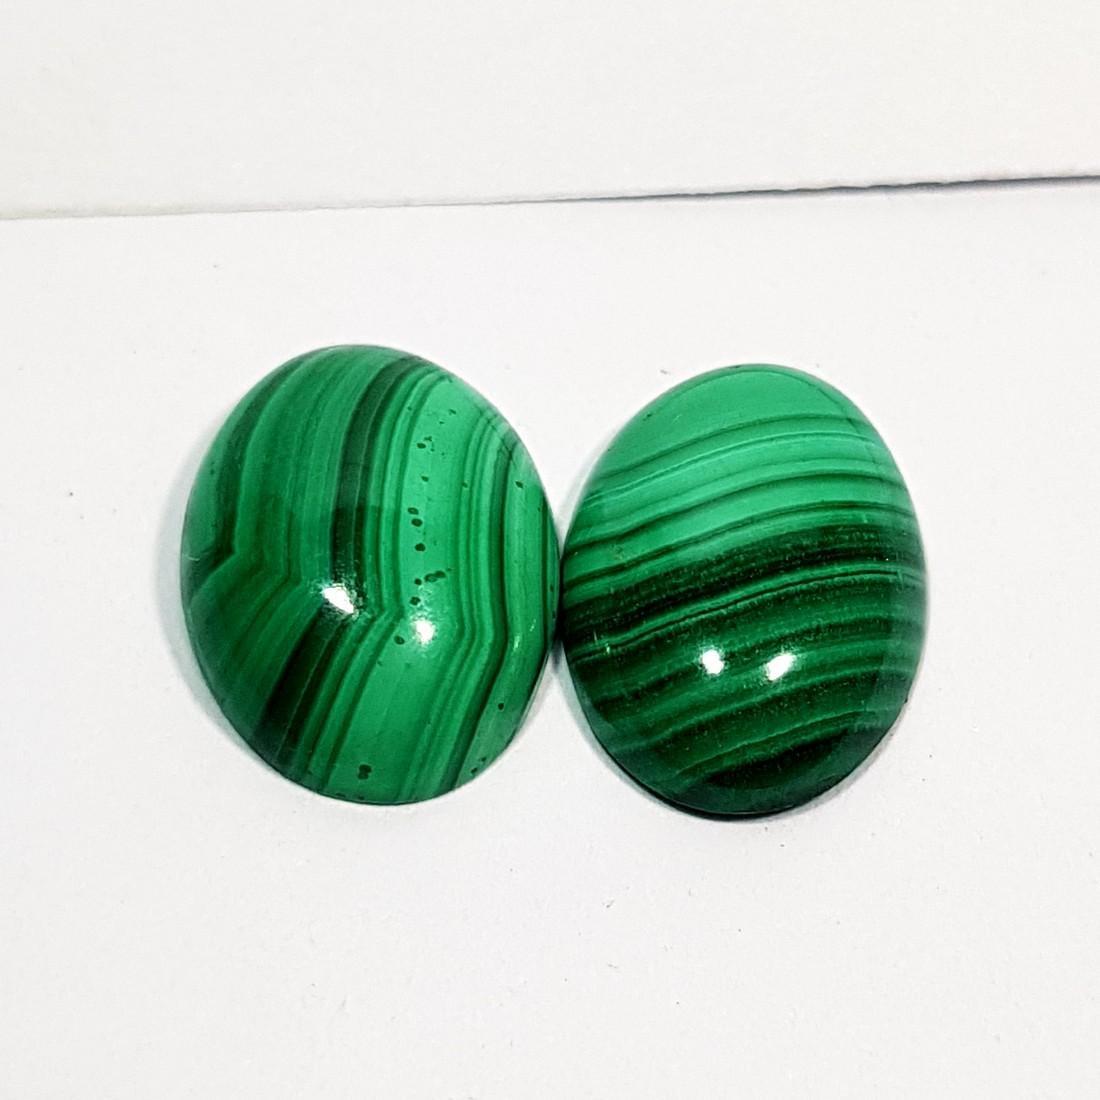 2 Pcs of Wonderful Oval Cut Natural Malachite - 11.00 - 2